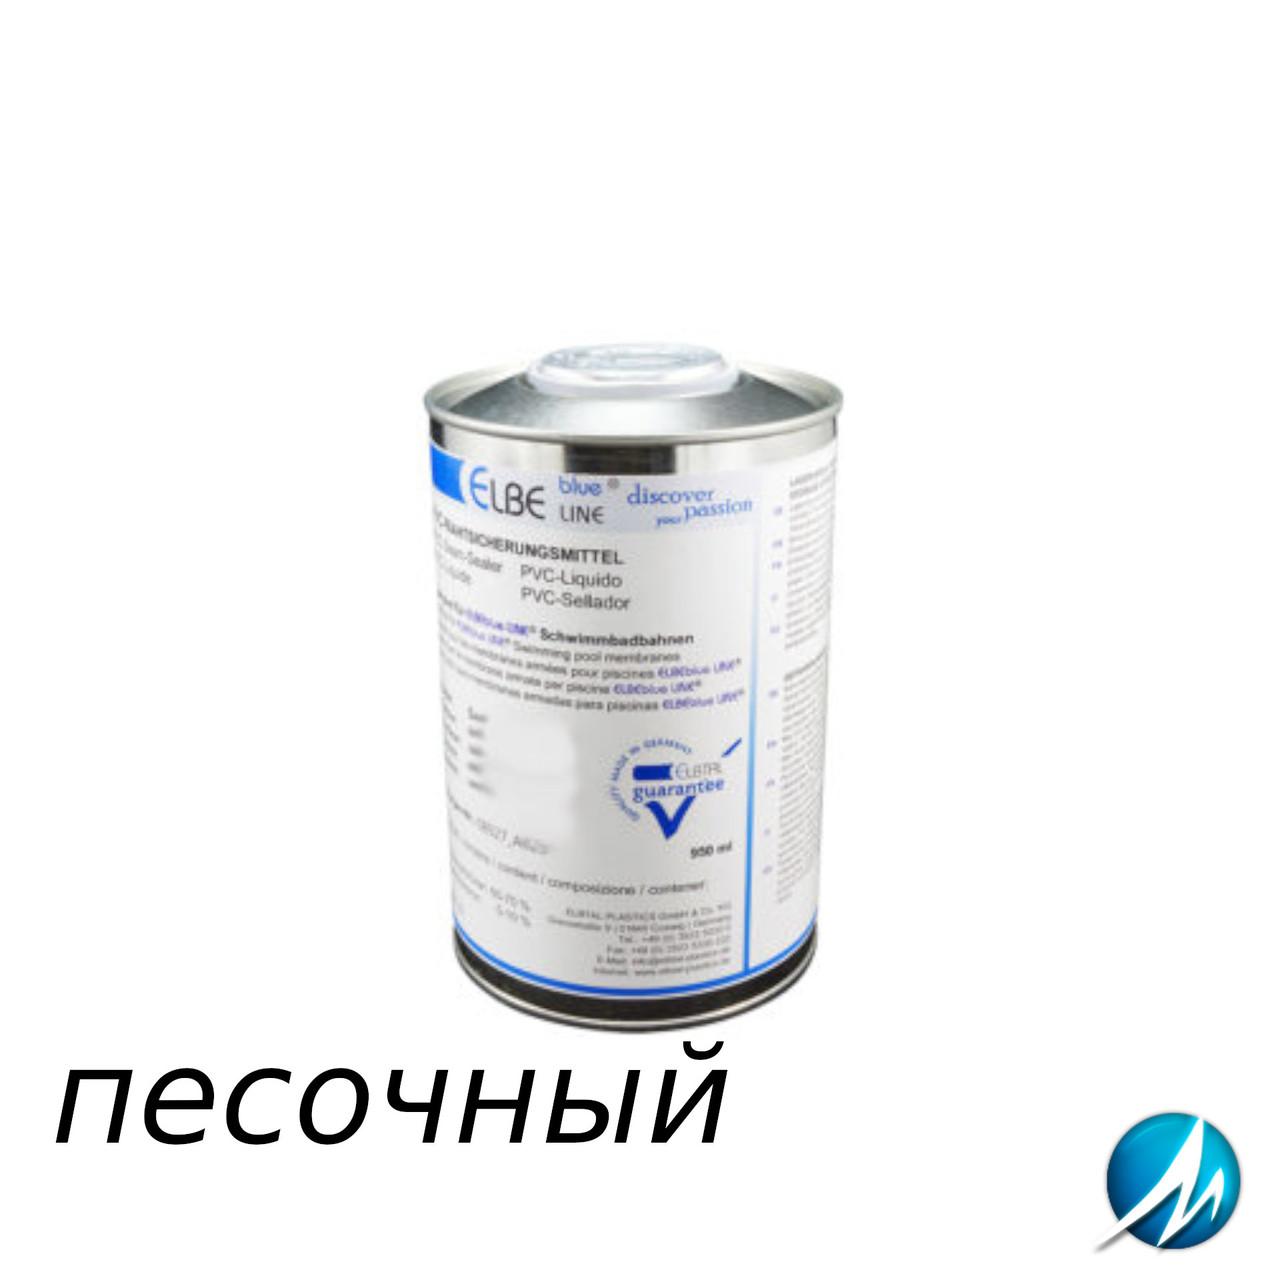 Жидкий ПВХ-герметик для швов Elbtal Plastics SUPRA sand песок, цвет 153